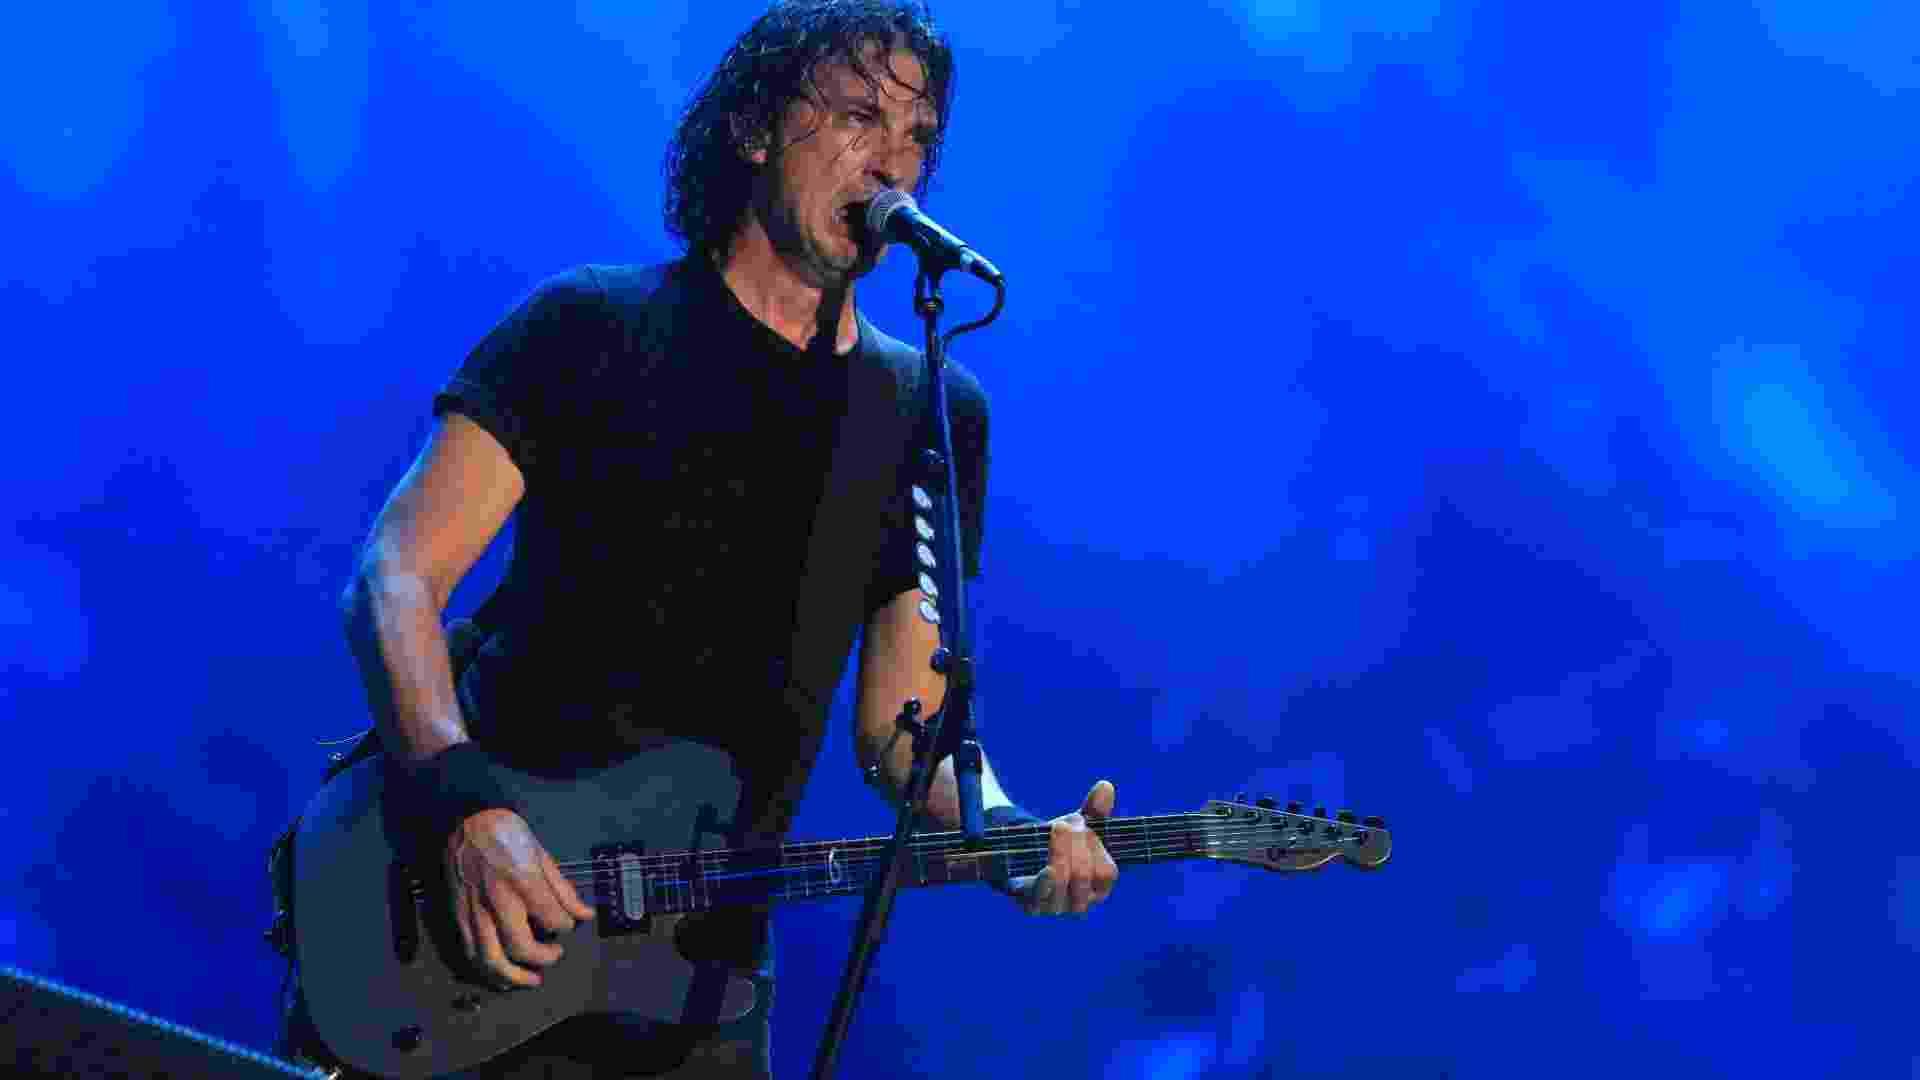 19.set.2015 - Joe Duplantier, vocalista da banda francesa Gojira, que abriu o Palco Mundo do Rock in Rio 2015 - Marco Antonio Teixeira/UOL